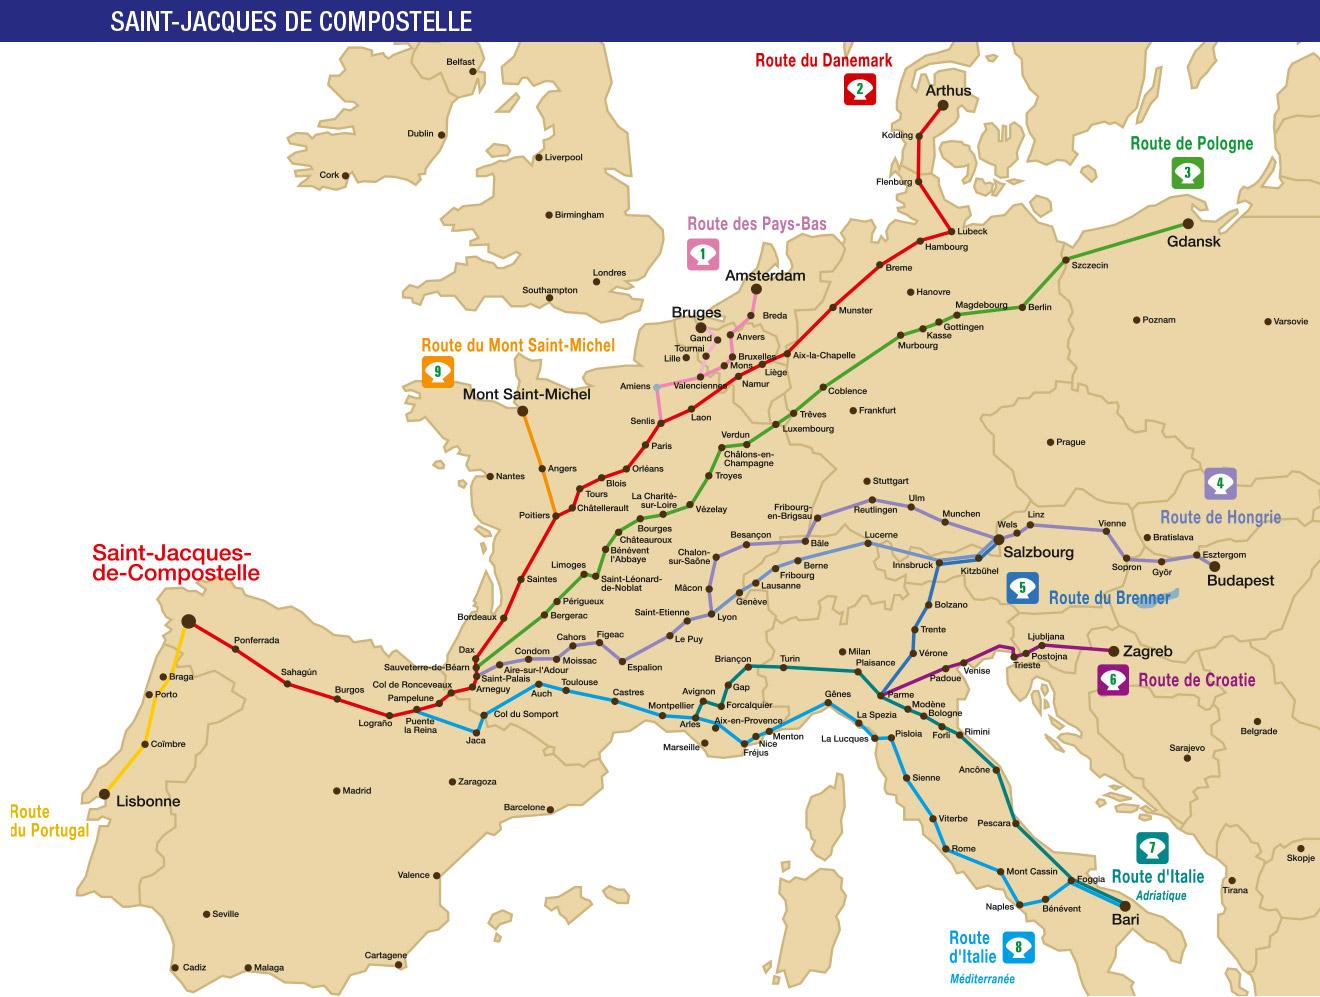 Carte Europe Routes.La Carte Des Routes De Compostelle